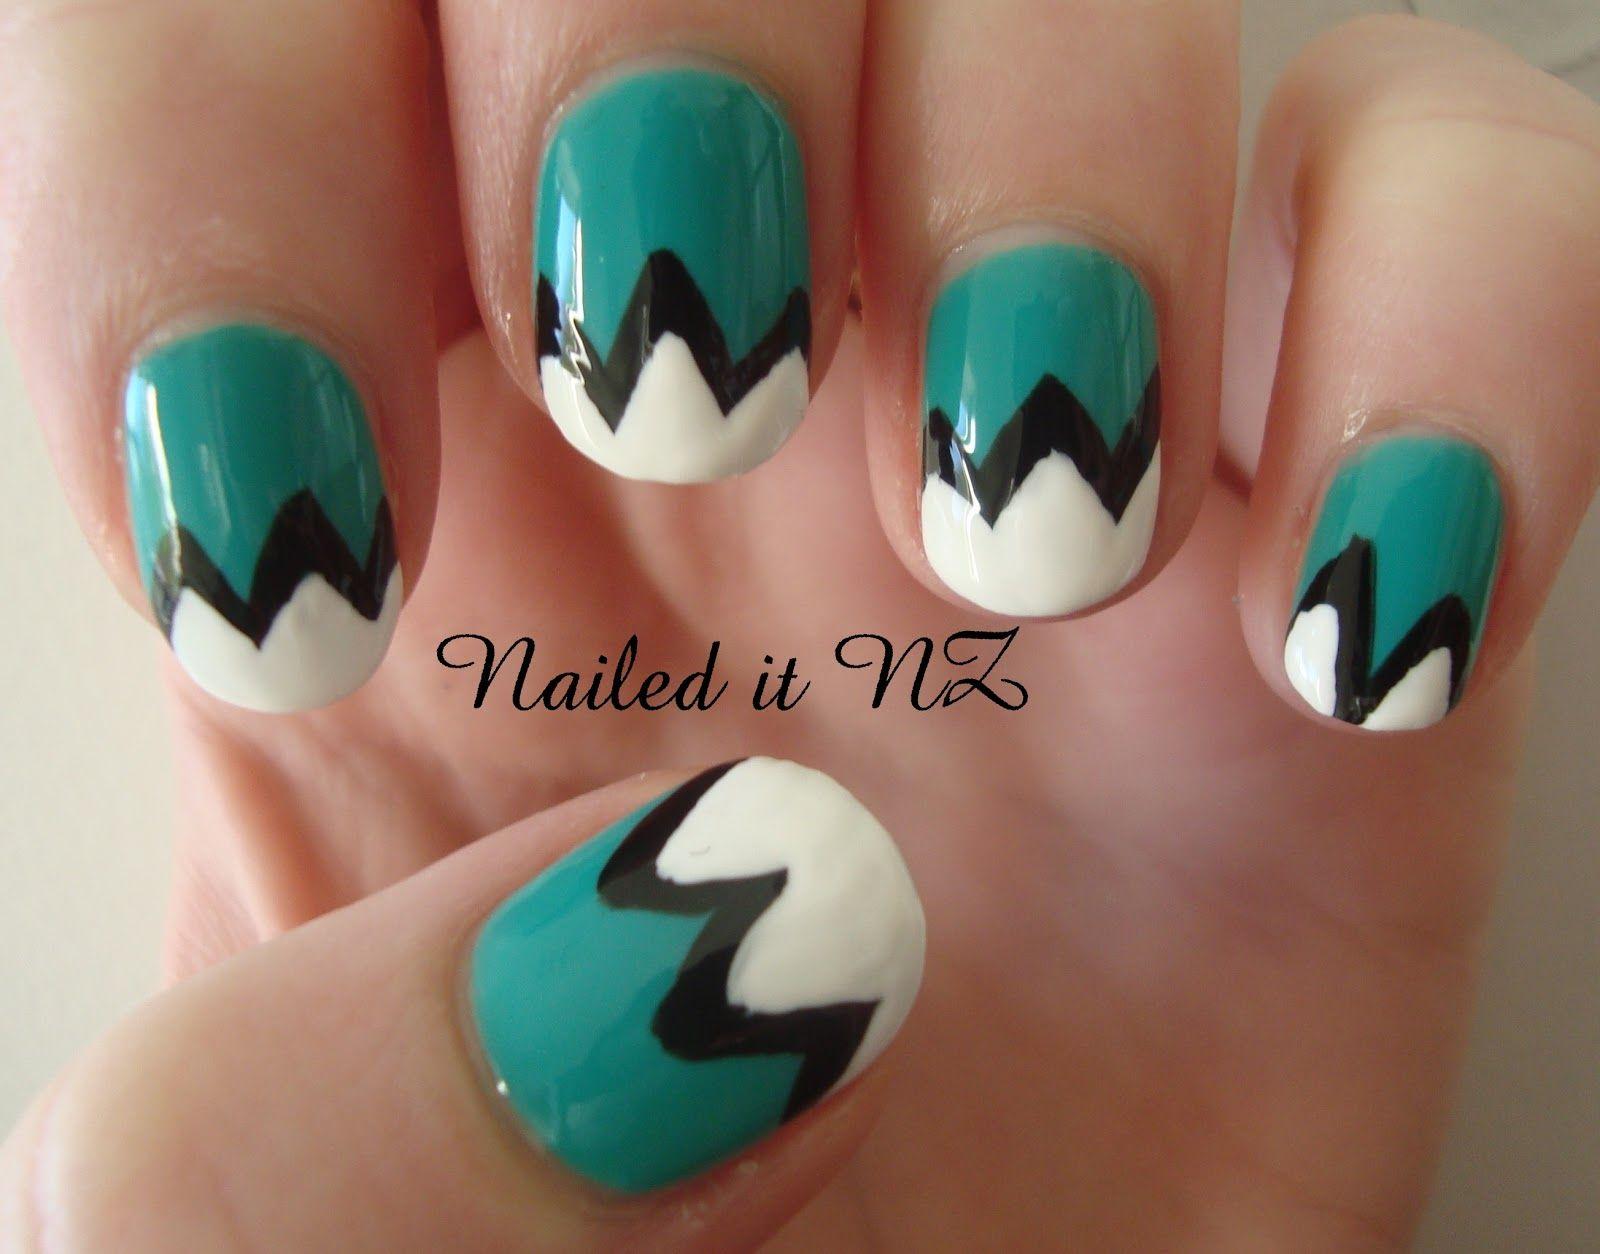 Attirant Nailed It NZ: Nail Art For Short Nails Mountain Nails